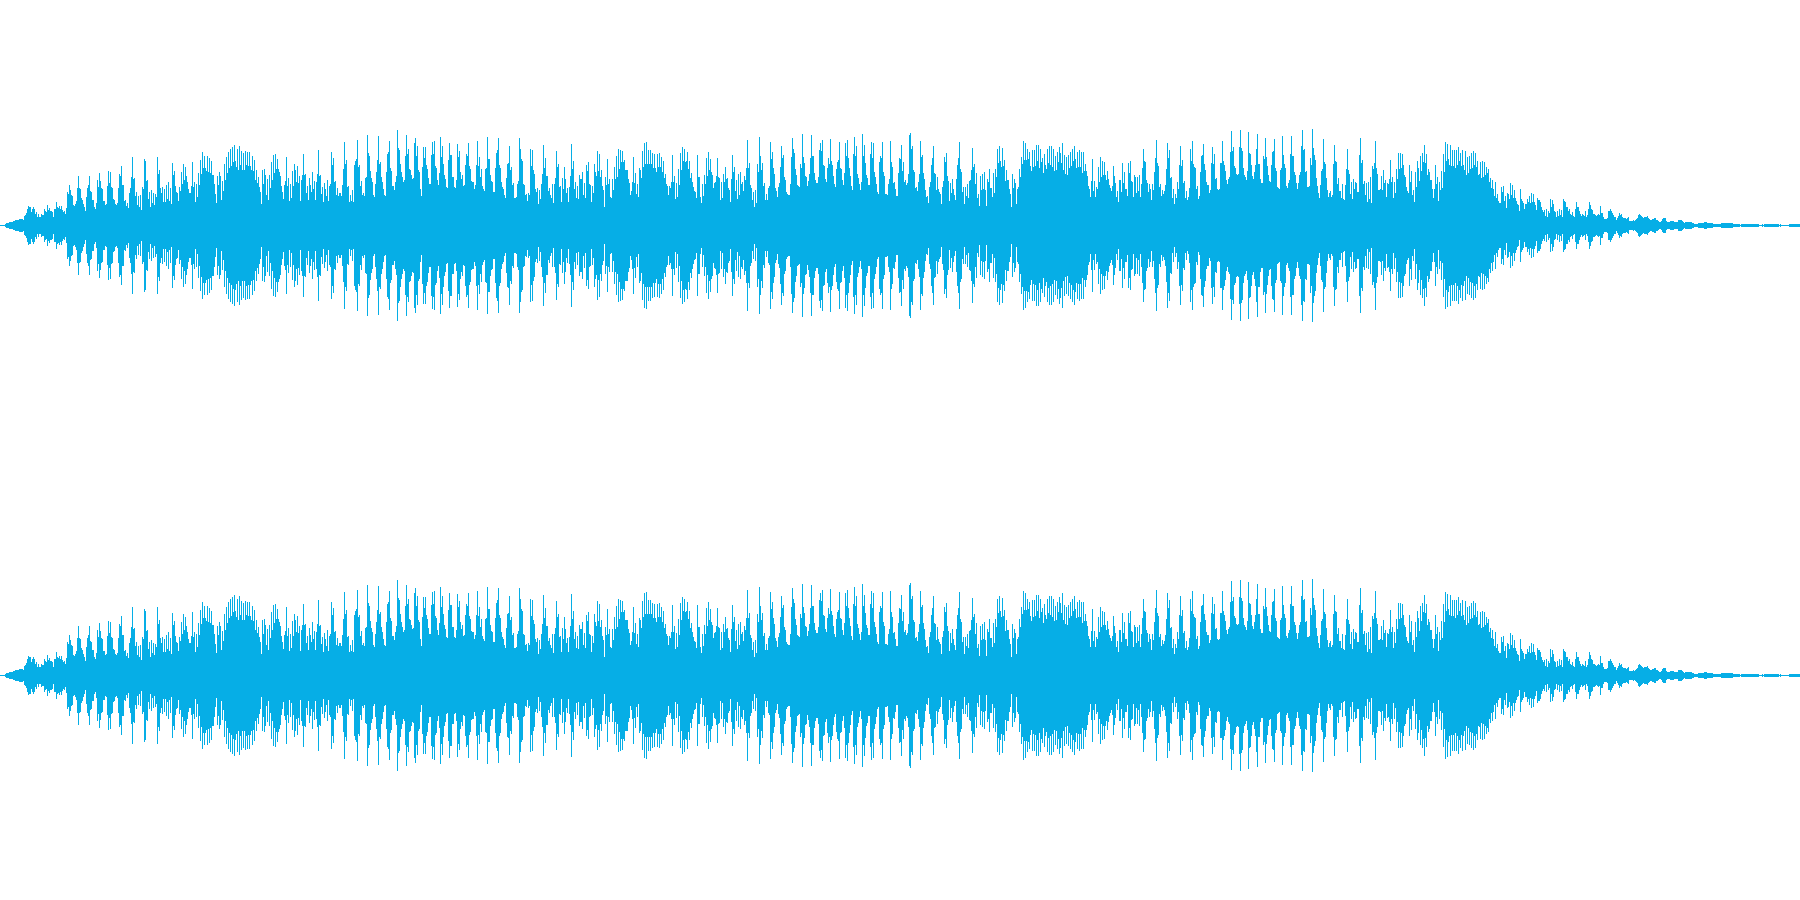 【ホラー/不気味/SE/アトラクション】の再生済みの波形